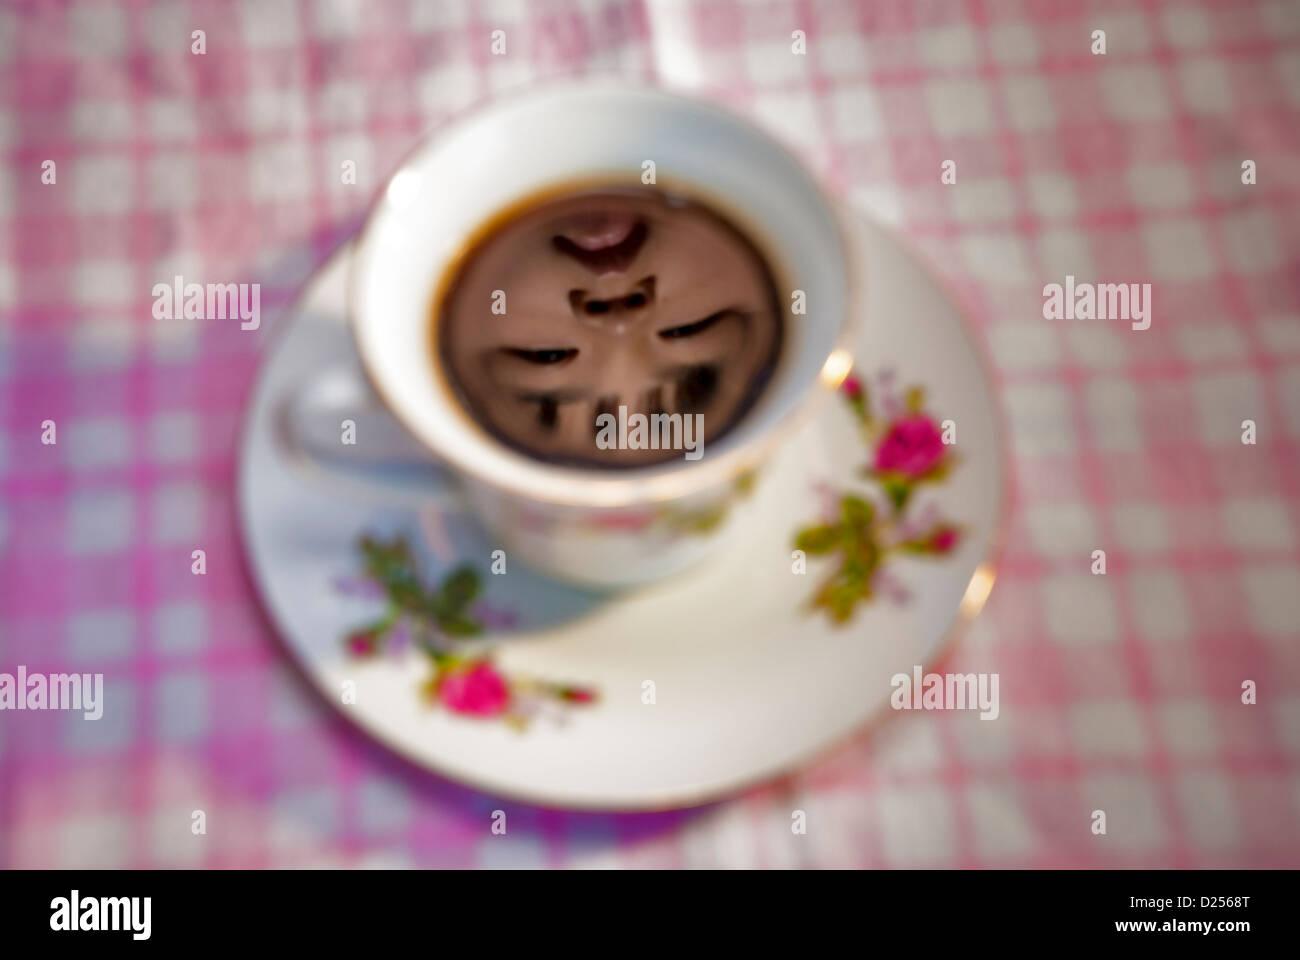 Tasse de café noir avec la réflexion d'un visage humain Photo Stock